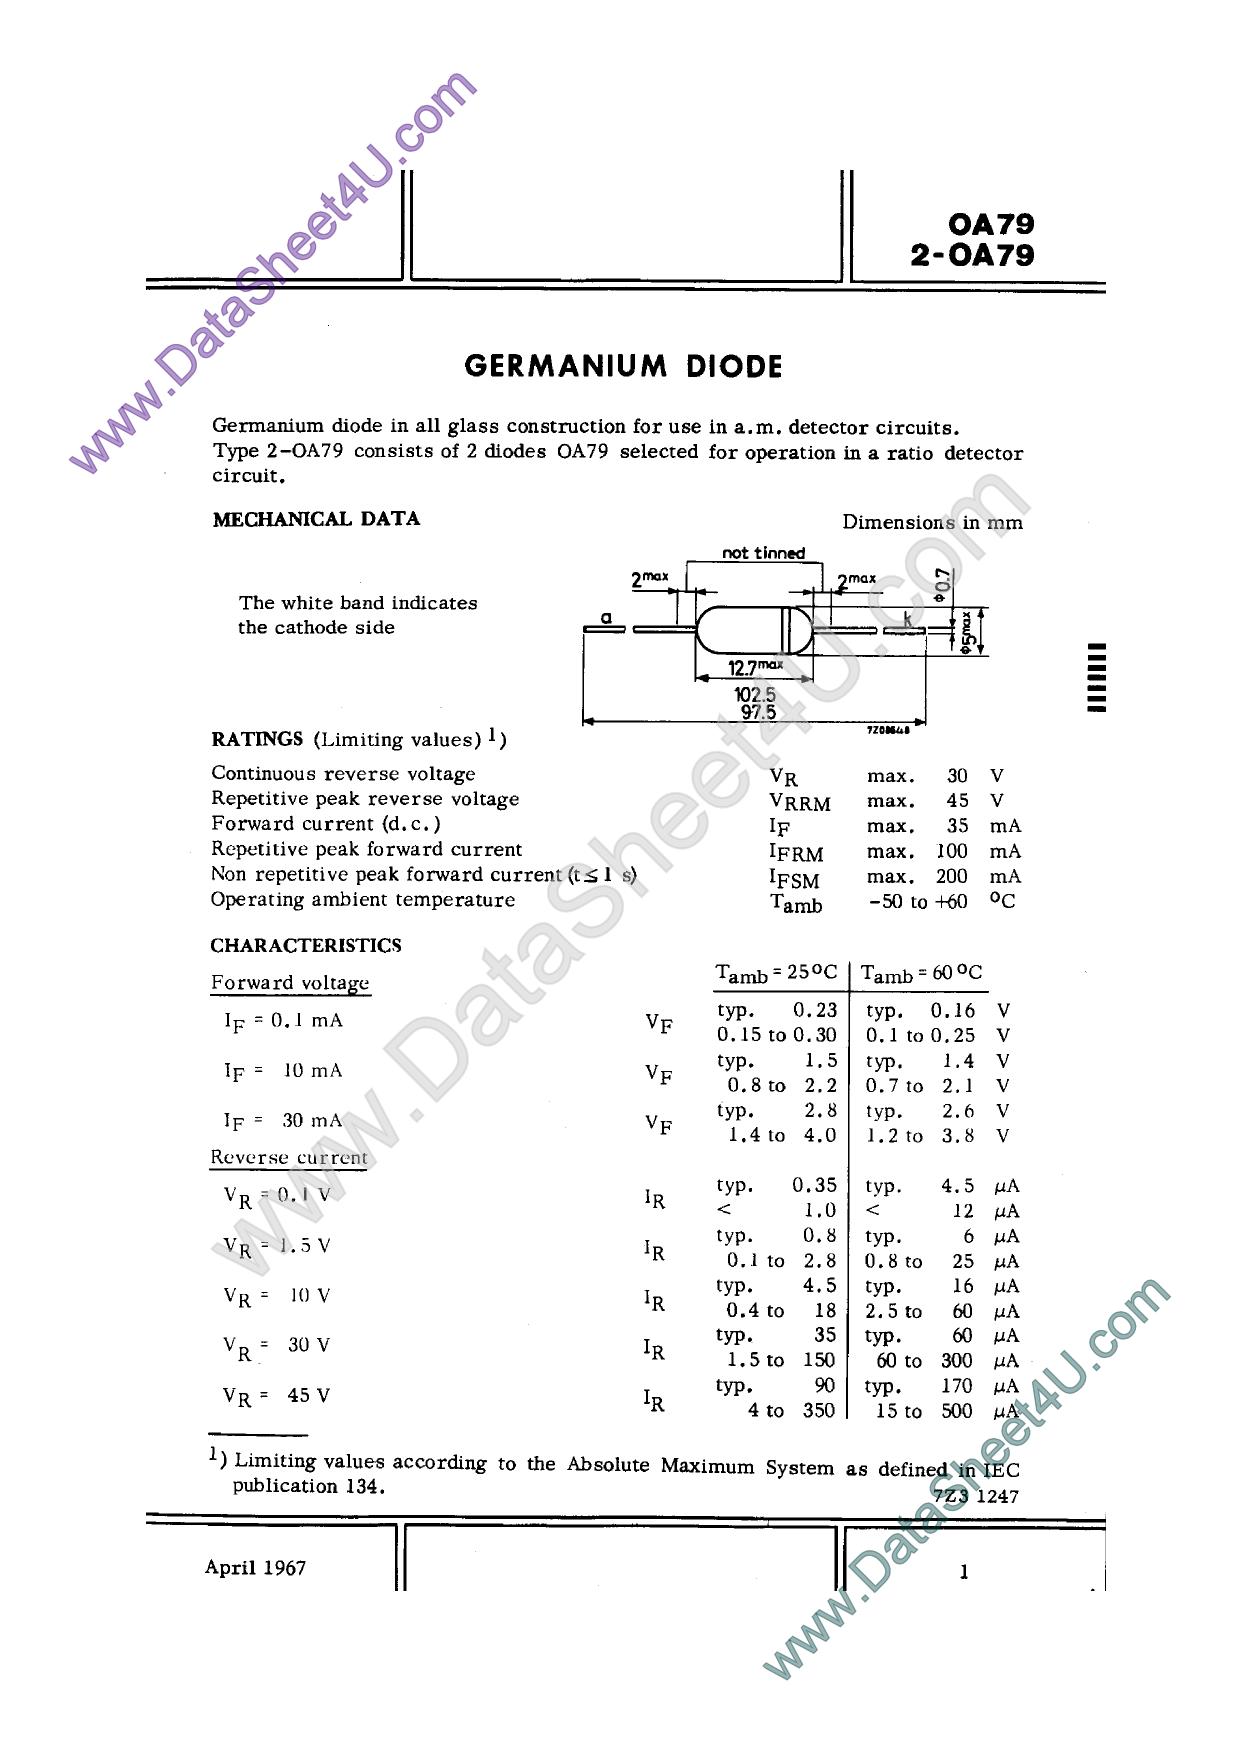 OA79 datasheet